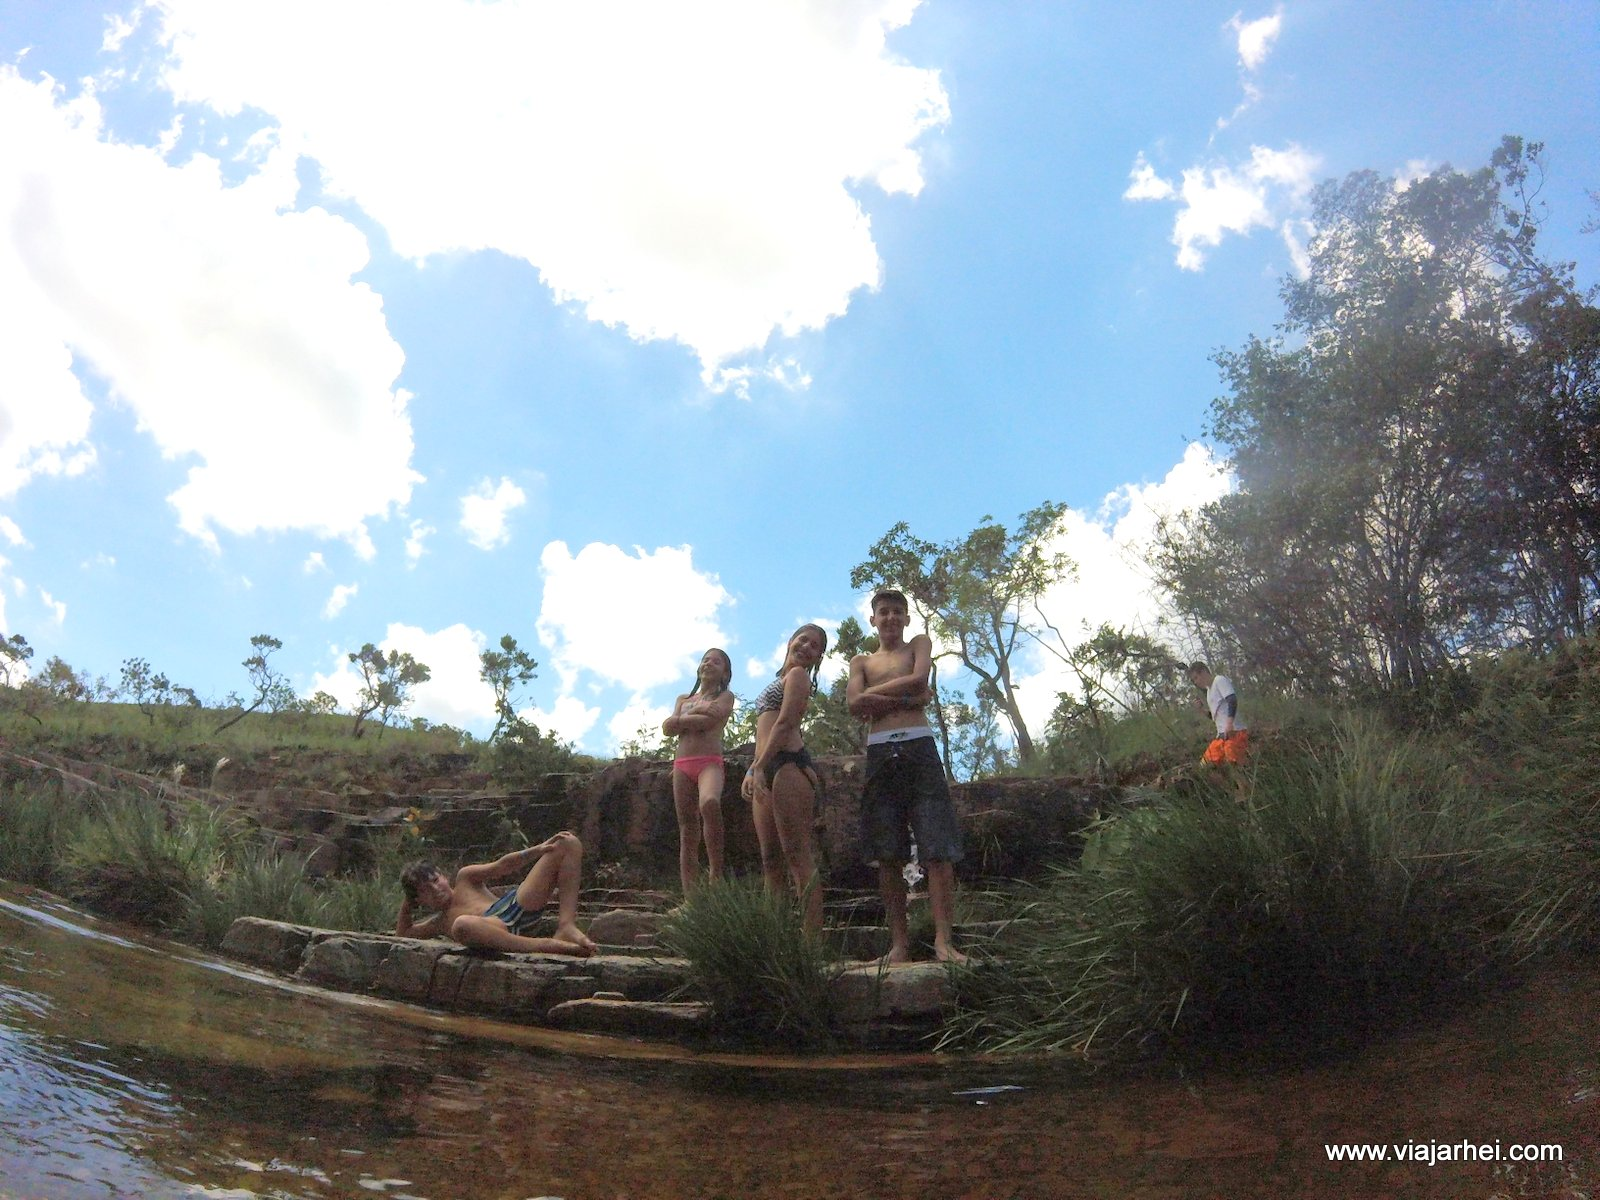 Trilha do Sol - Capitólio - MG - www.viajarhei.com